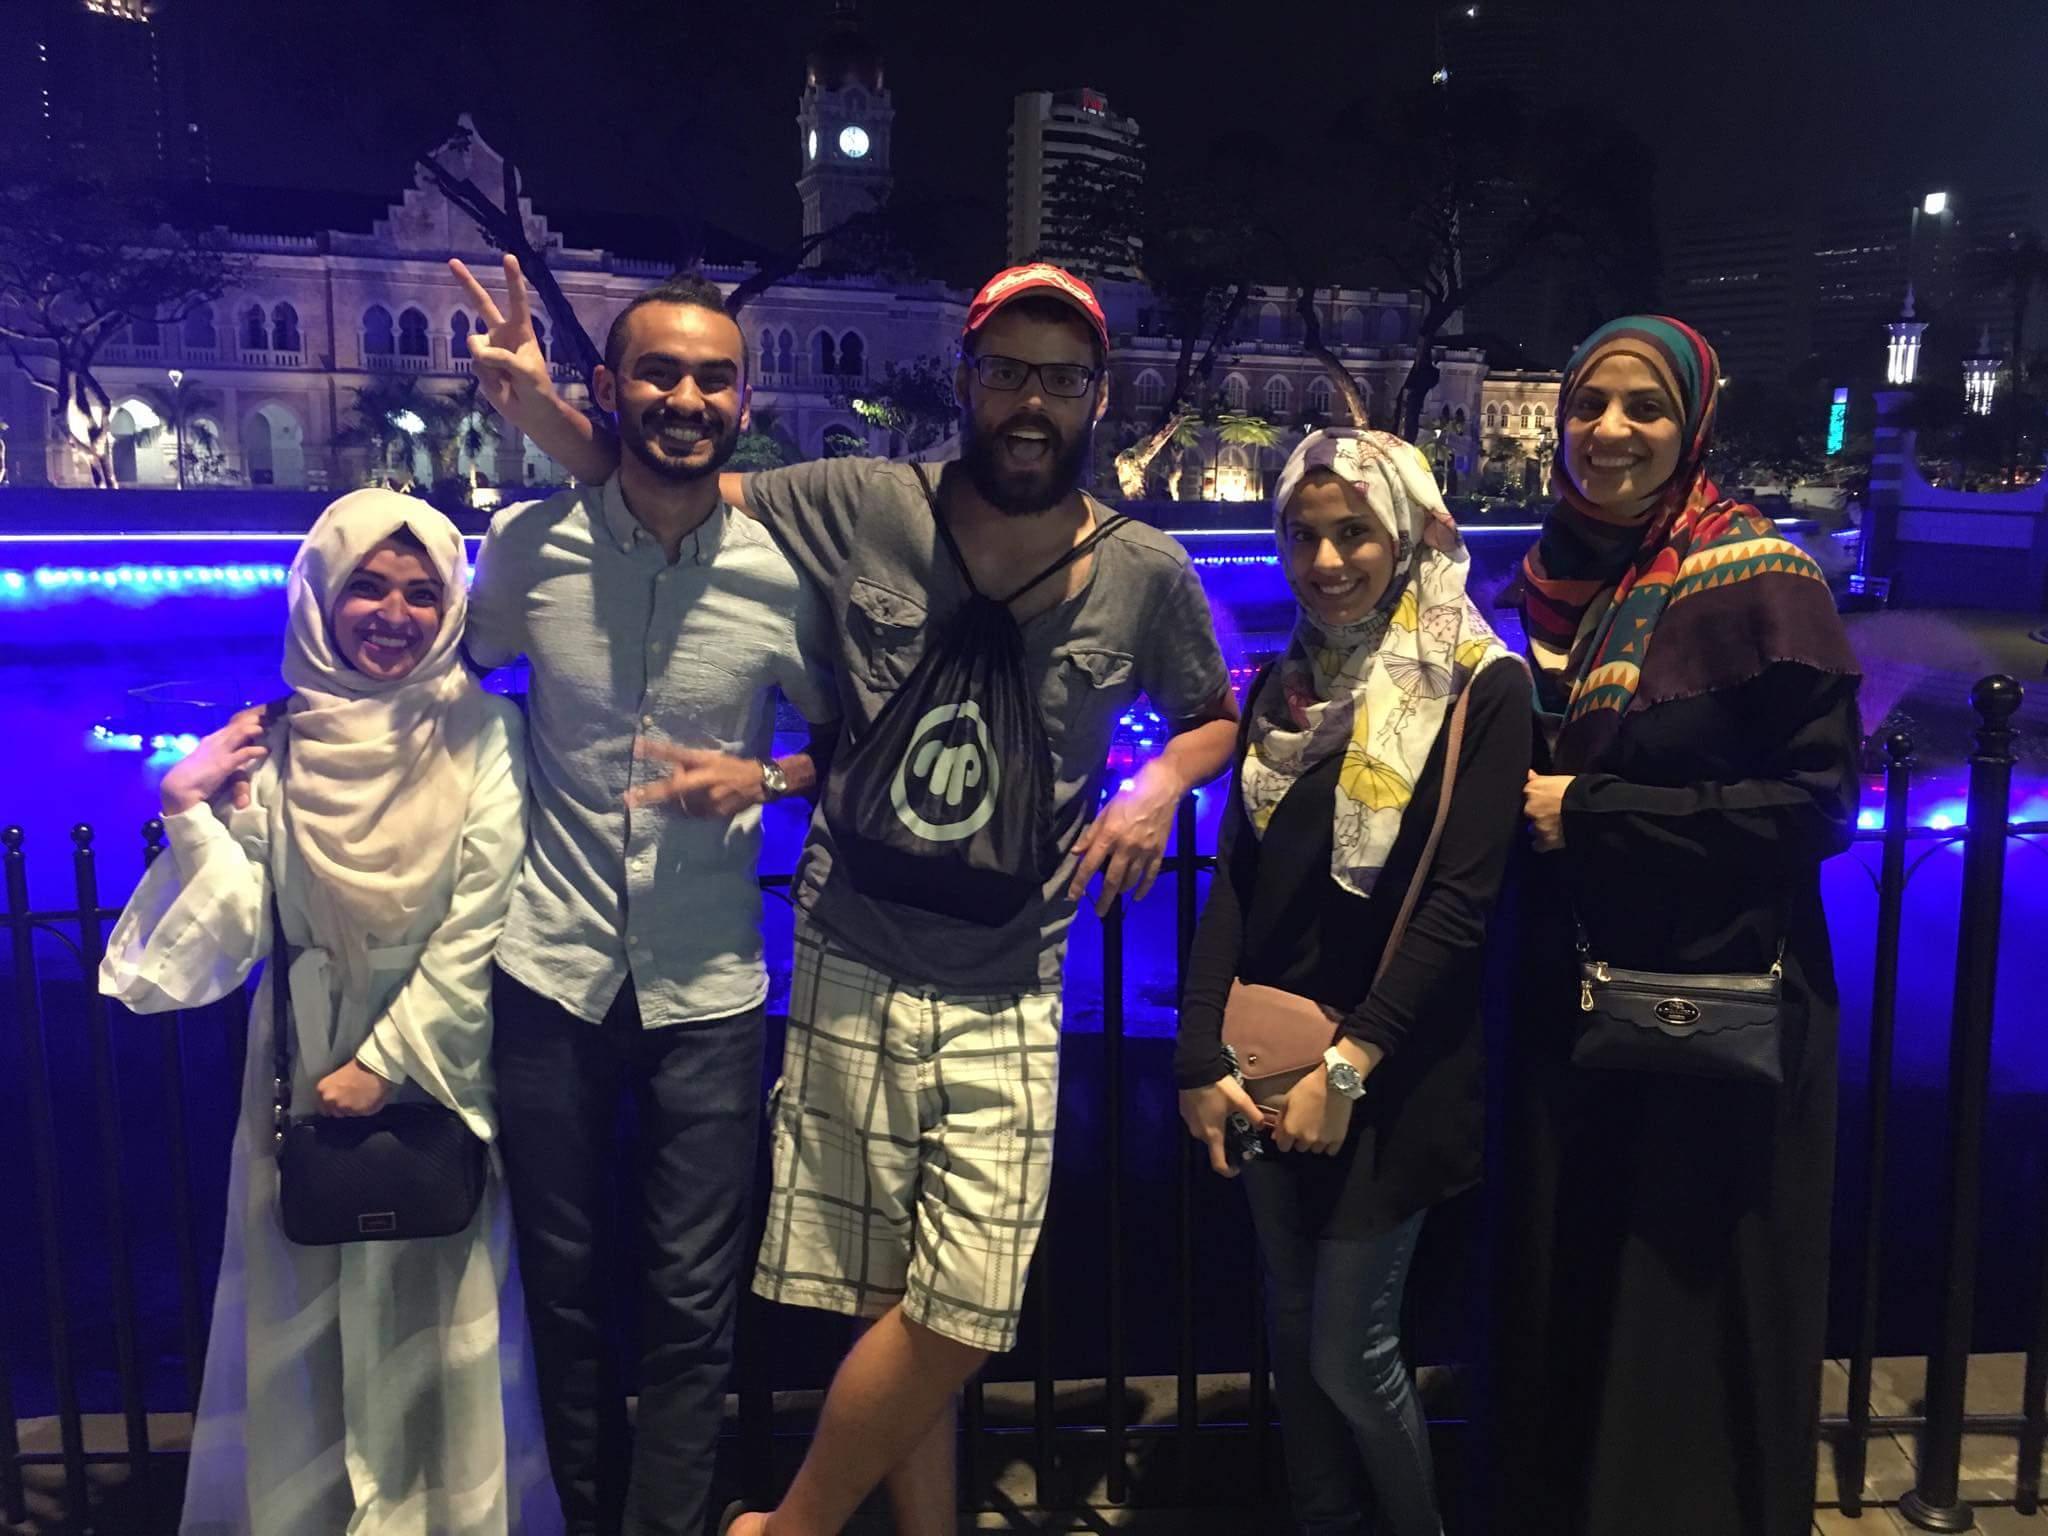 Bon moment aux jets d'eau à Kuala Lumpur